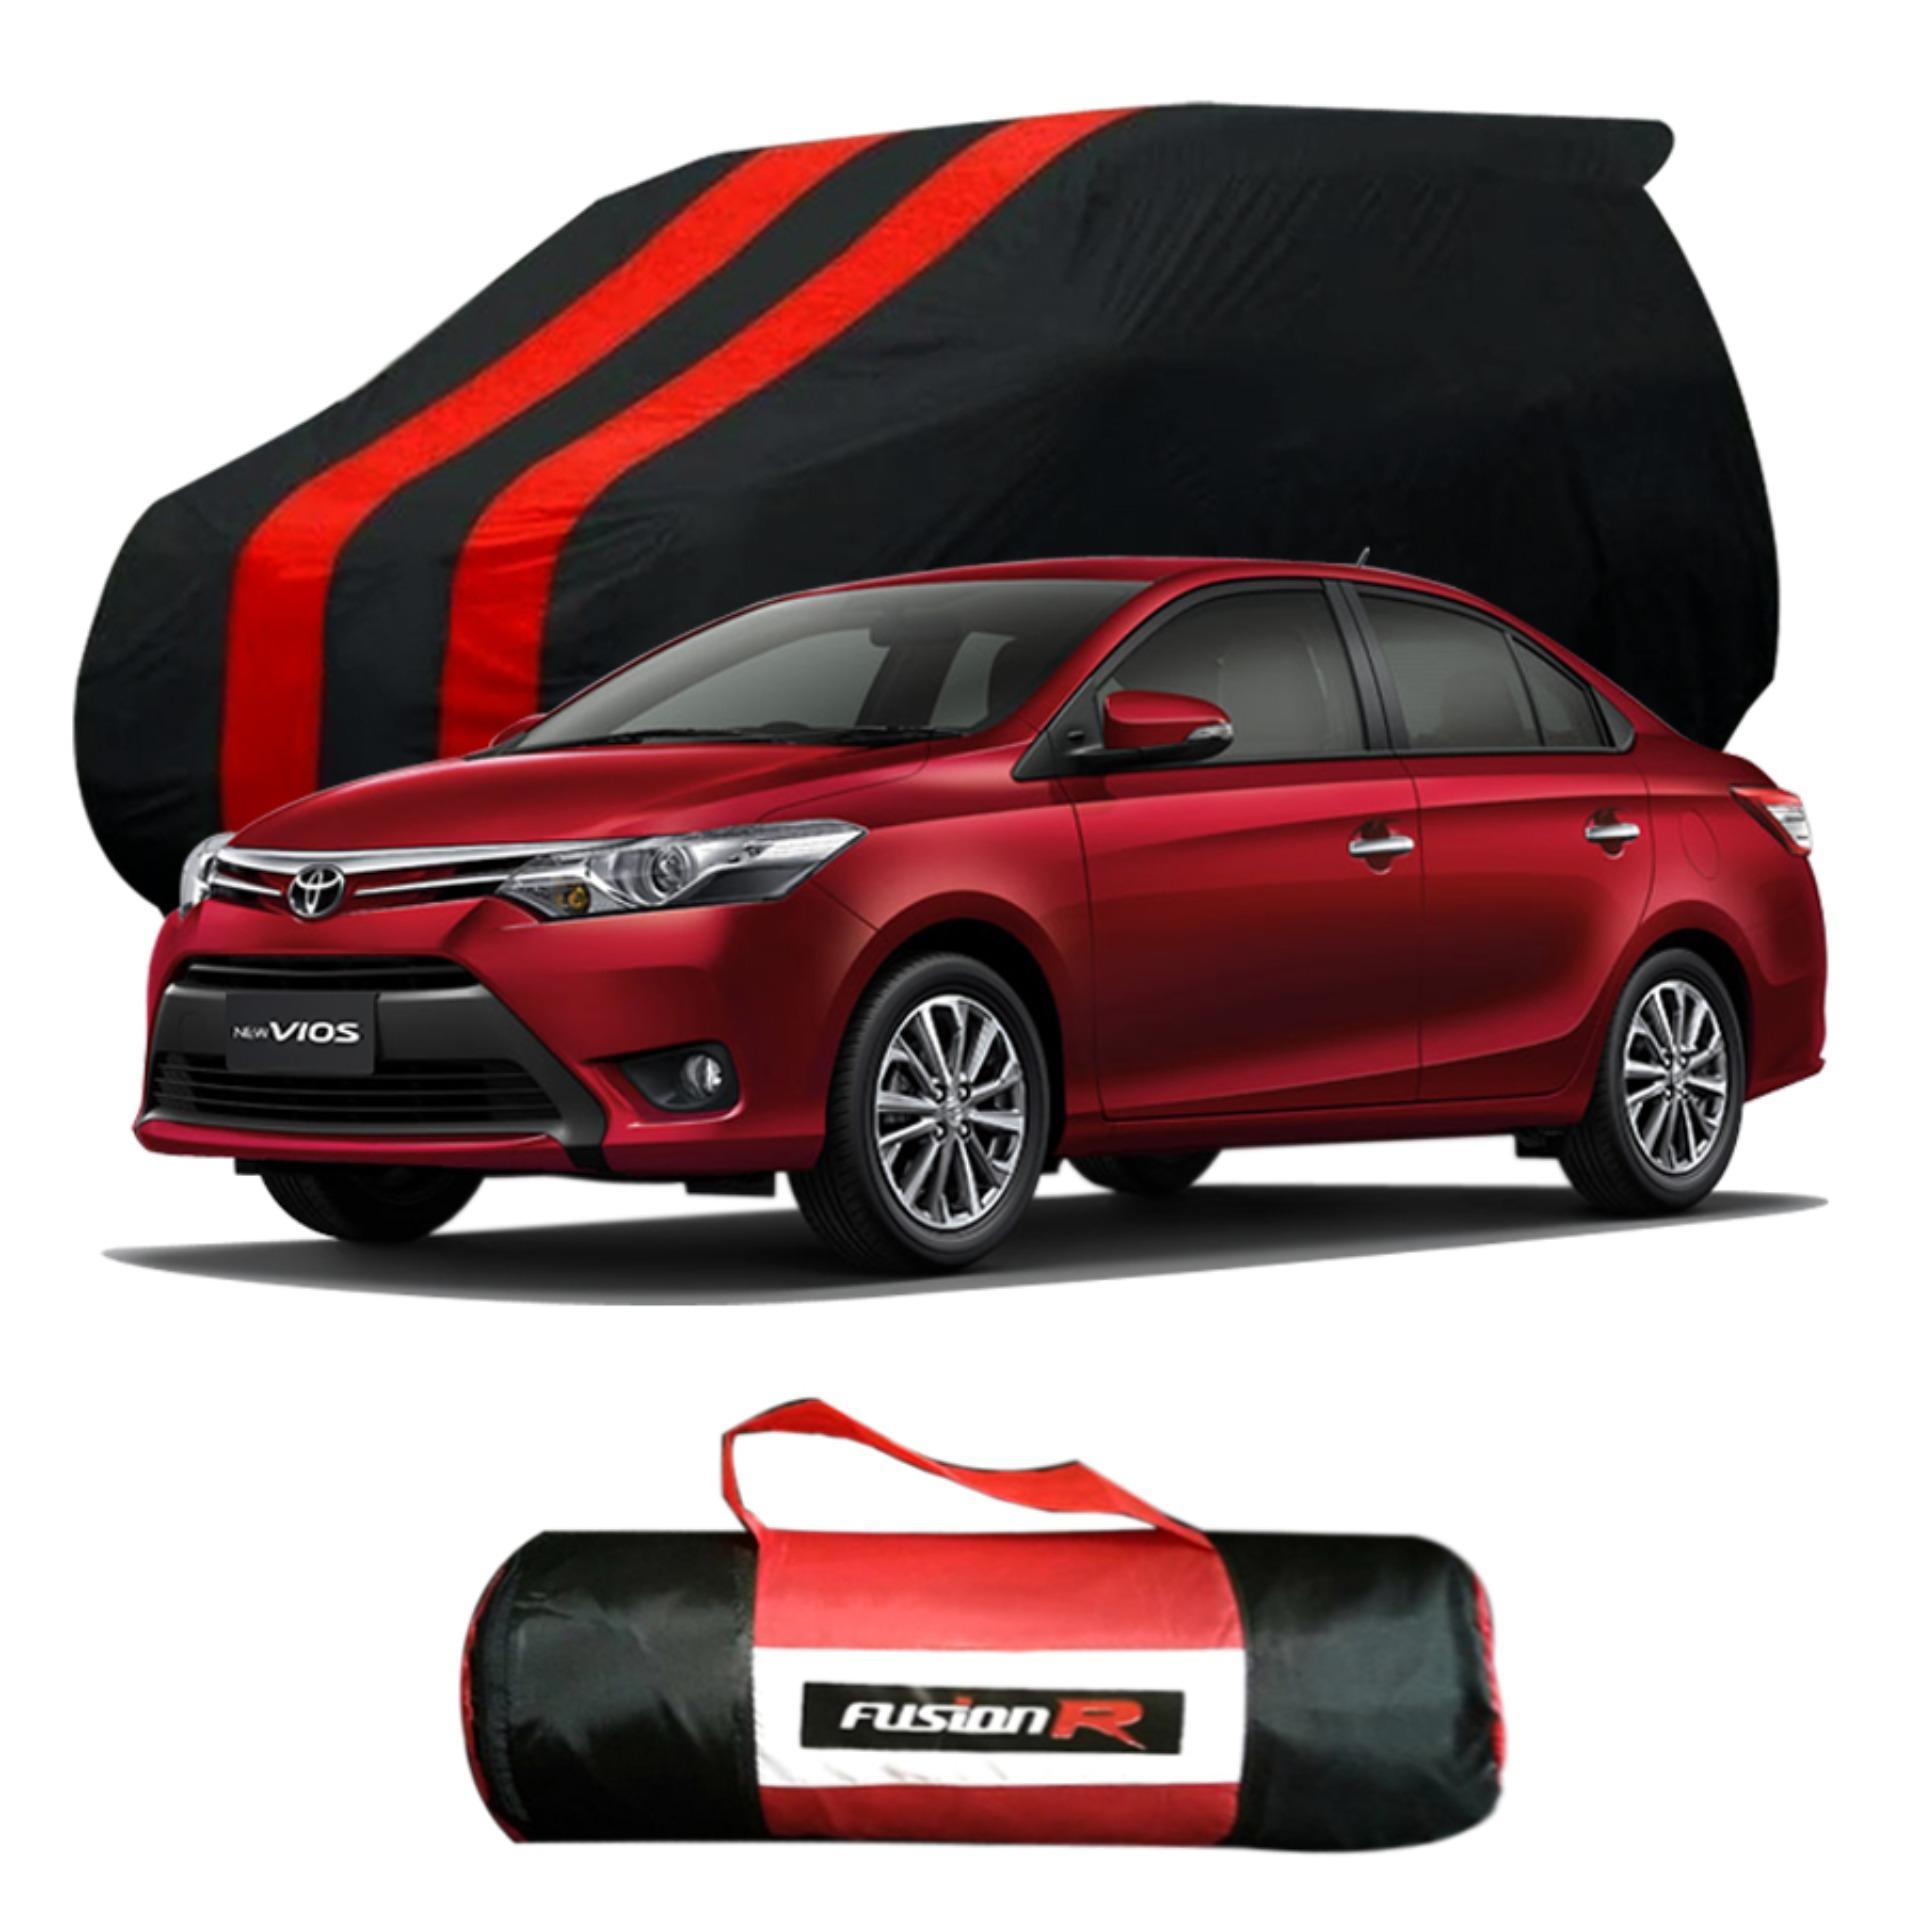 Vanguard Body Cover Penutup Mobil TOYOTA VIOS Merah Hitam Waterproof / Sarung Mobil SEDAN VIOS Premium